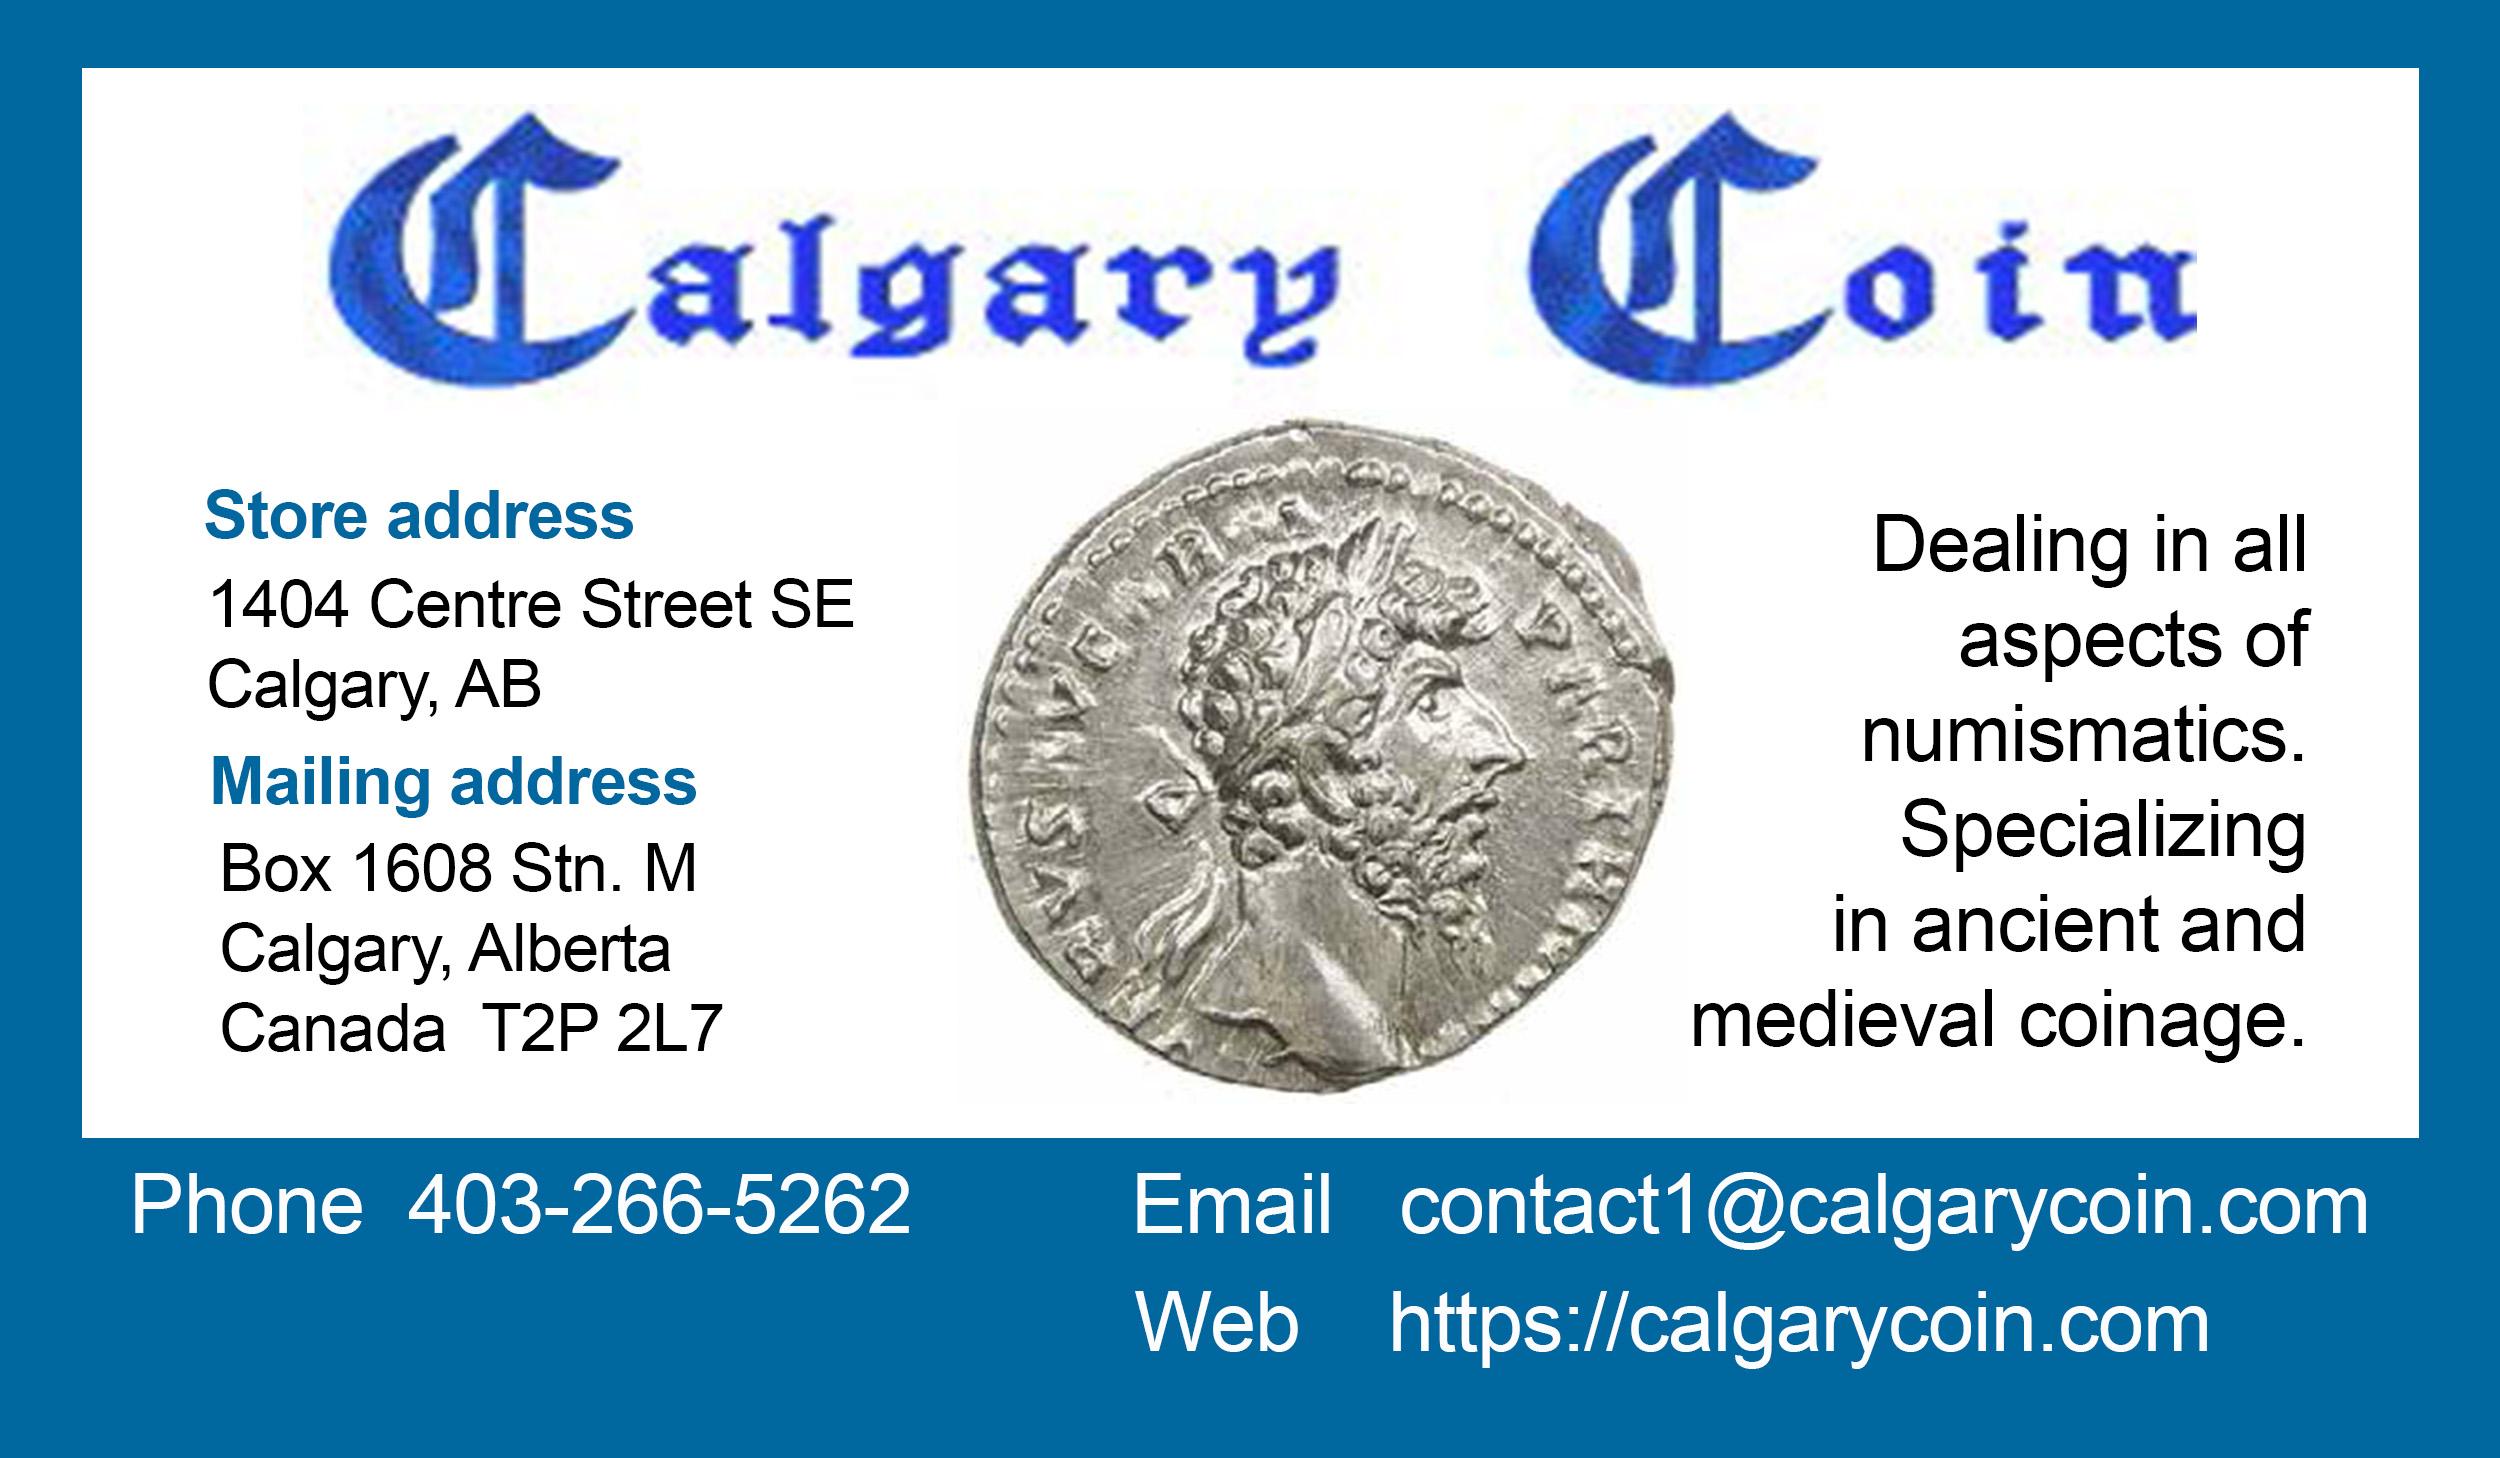 Calgary Coin